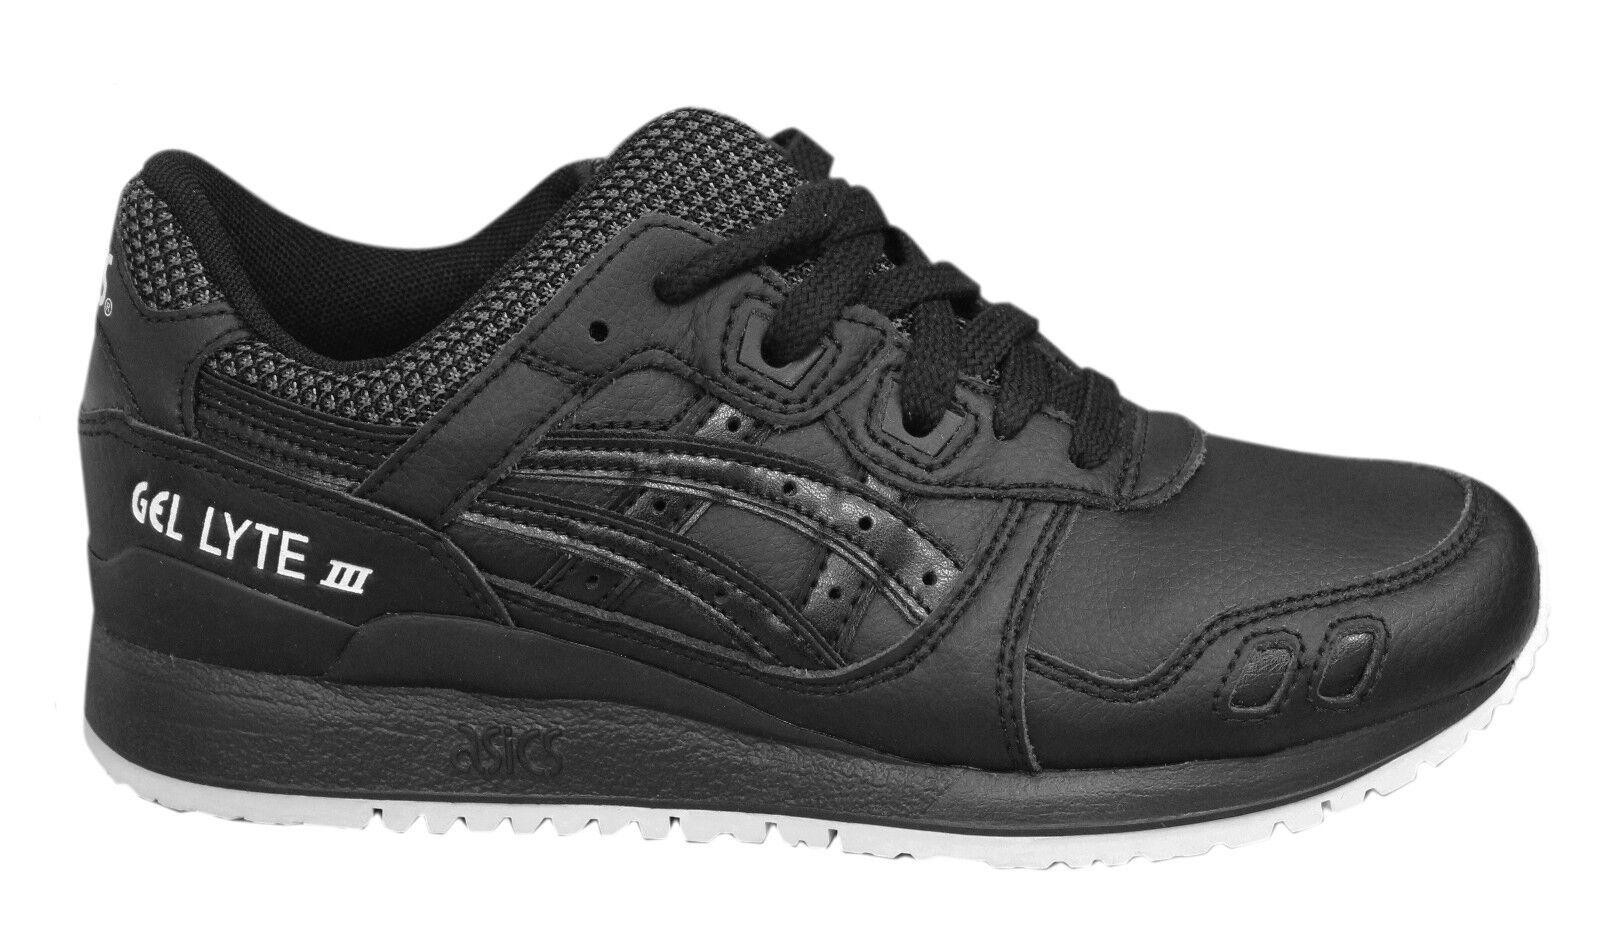 Asics Gel-Lyte III Zapatos Con Cordones Cuero Negro Zapatillas Hombre hl701 9090